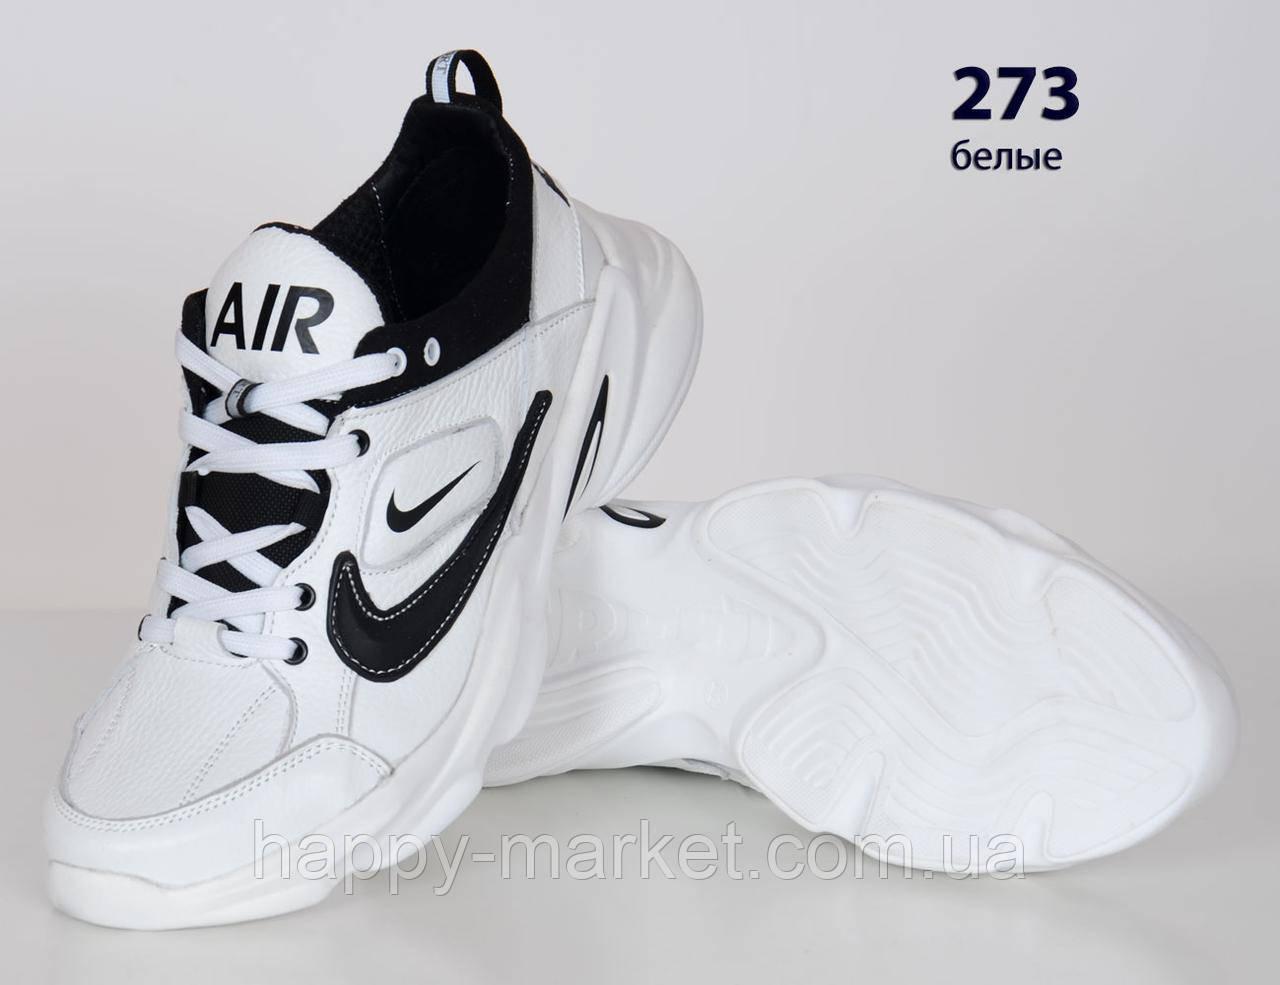 Кожаные кроссовки Nike (реплика) (273 белая) мужские спортивные кроссовки шкіряні чоловічі